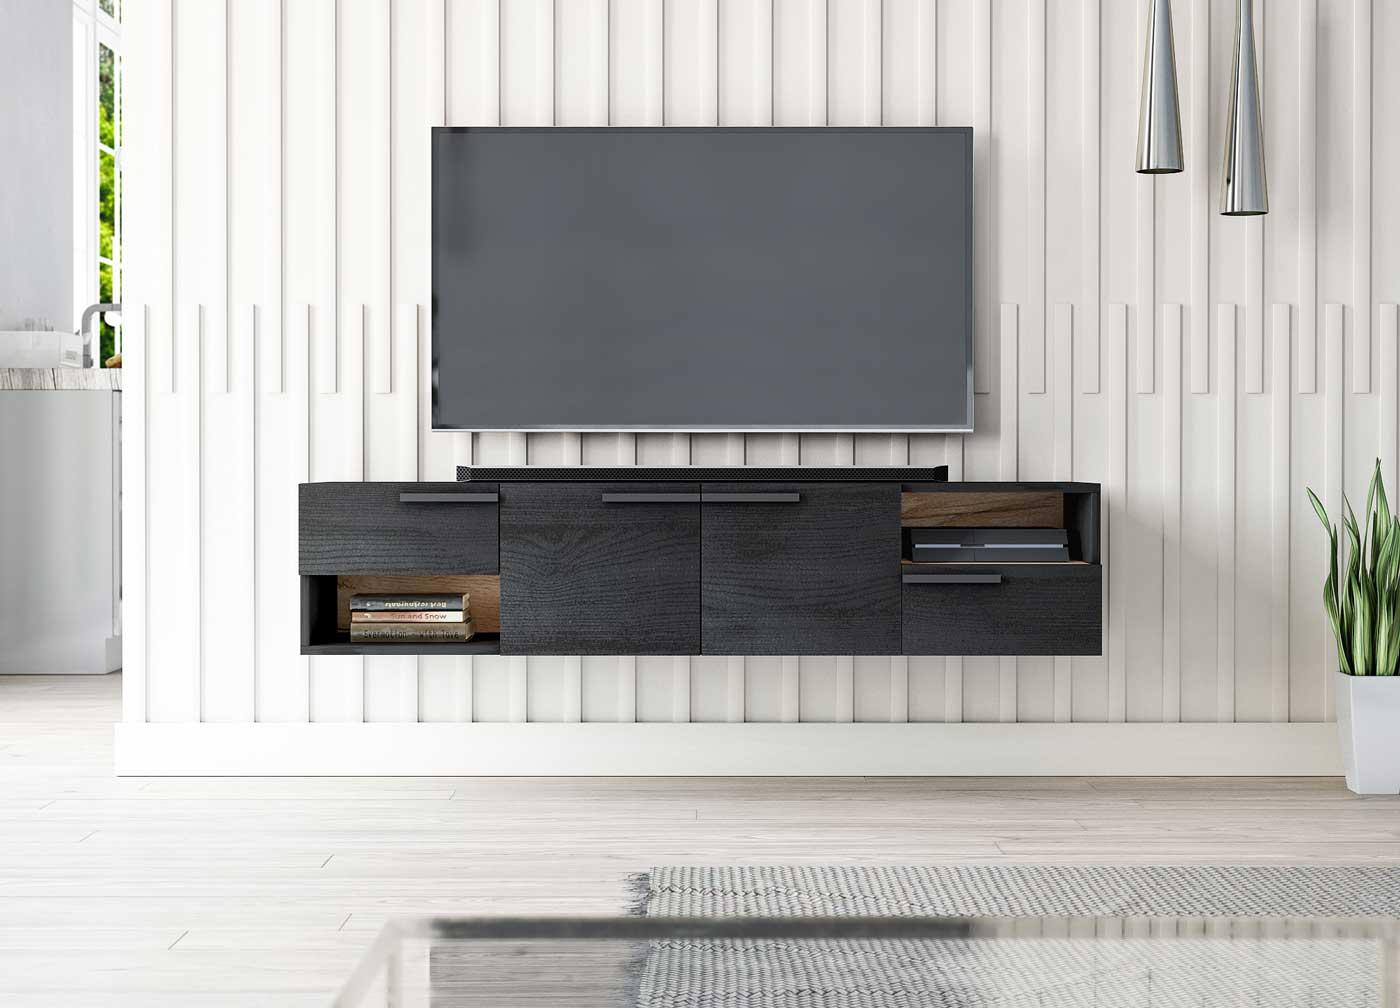 Meuble TV design Tasia blanc mat et gris foncé 153 x 35 x 25 cm - vu de face